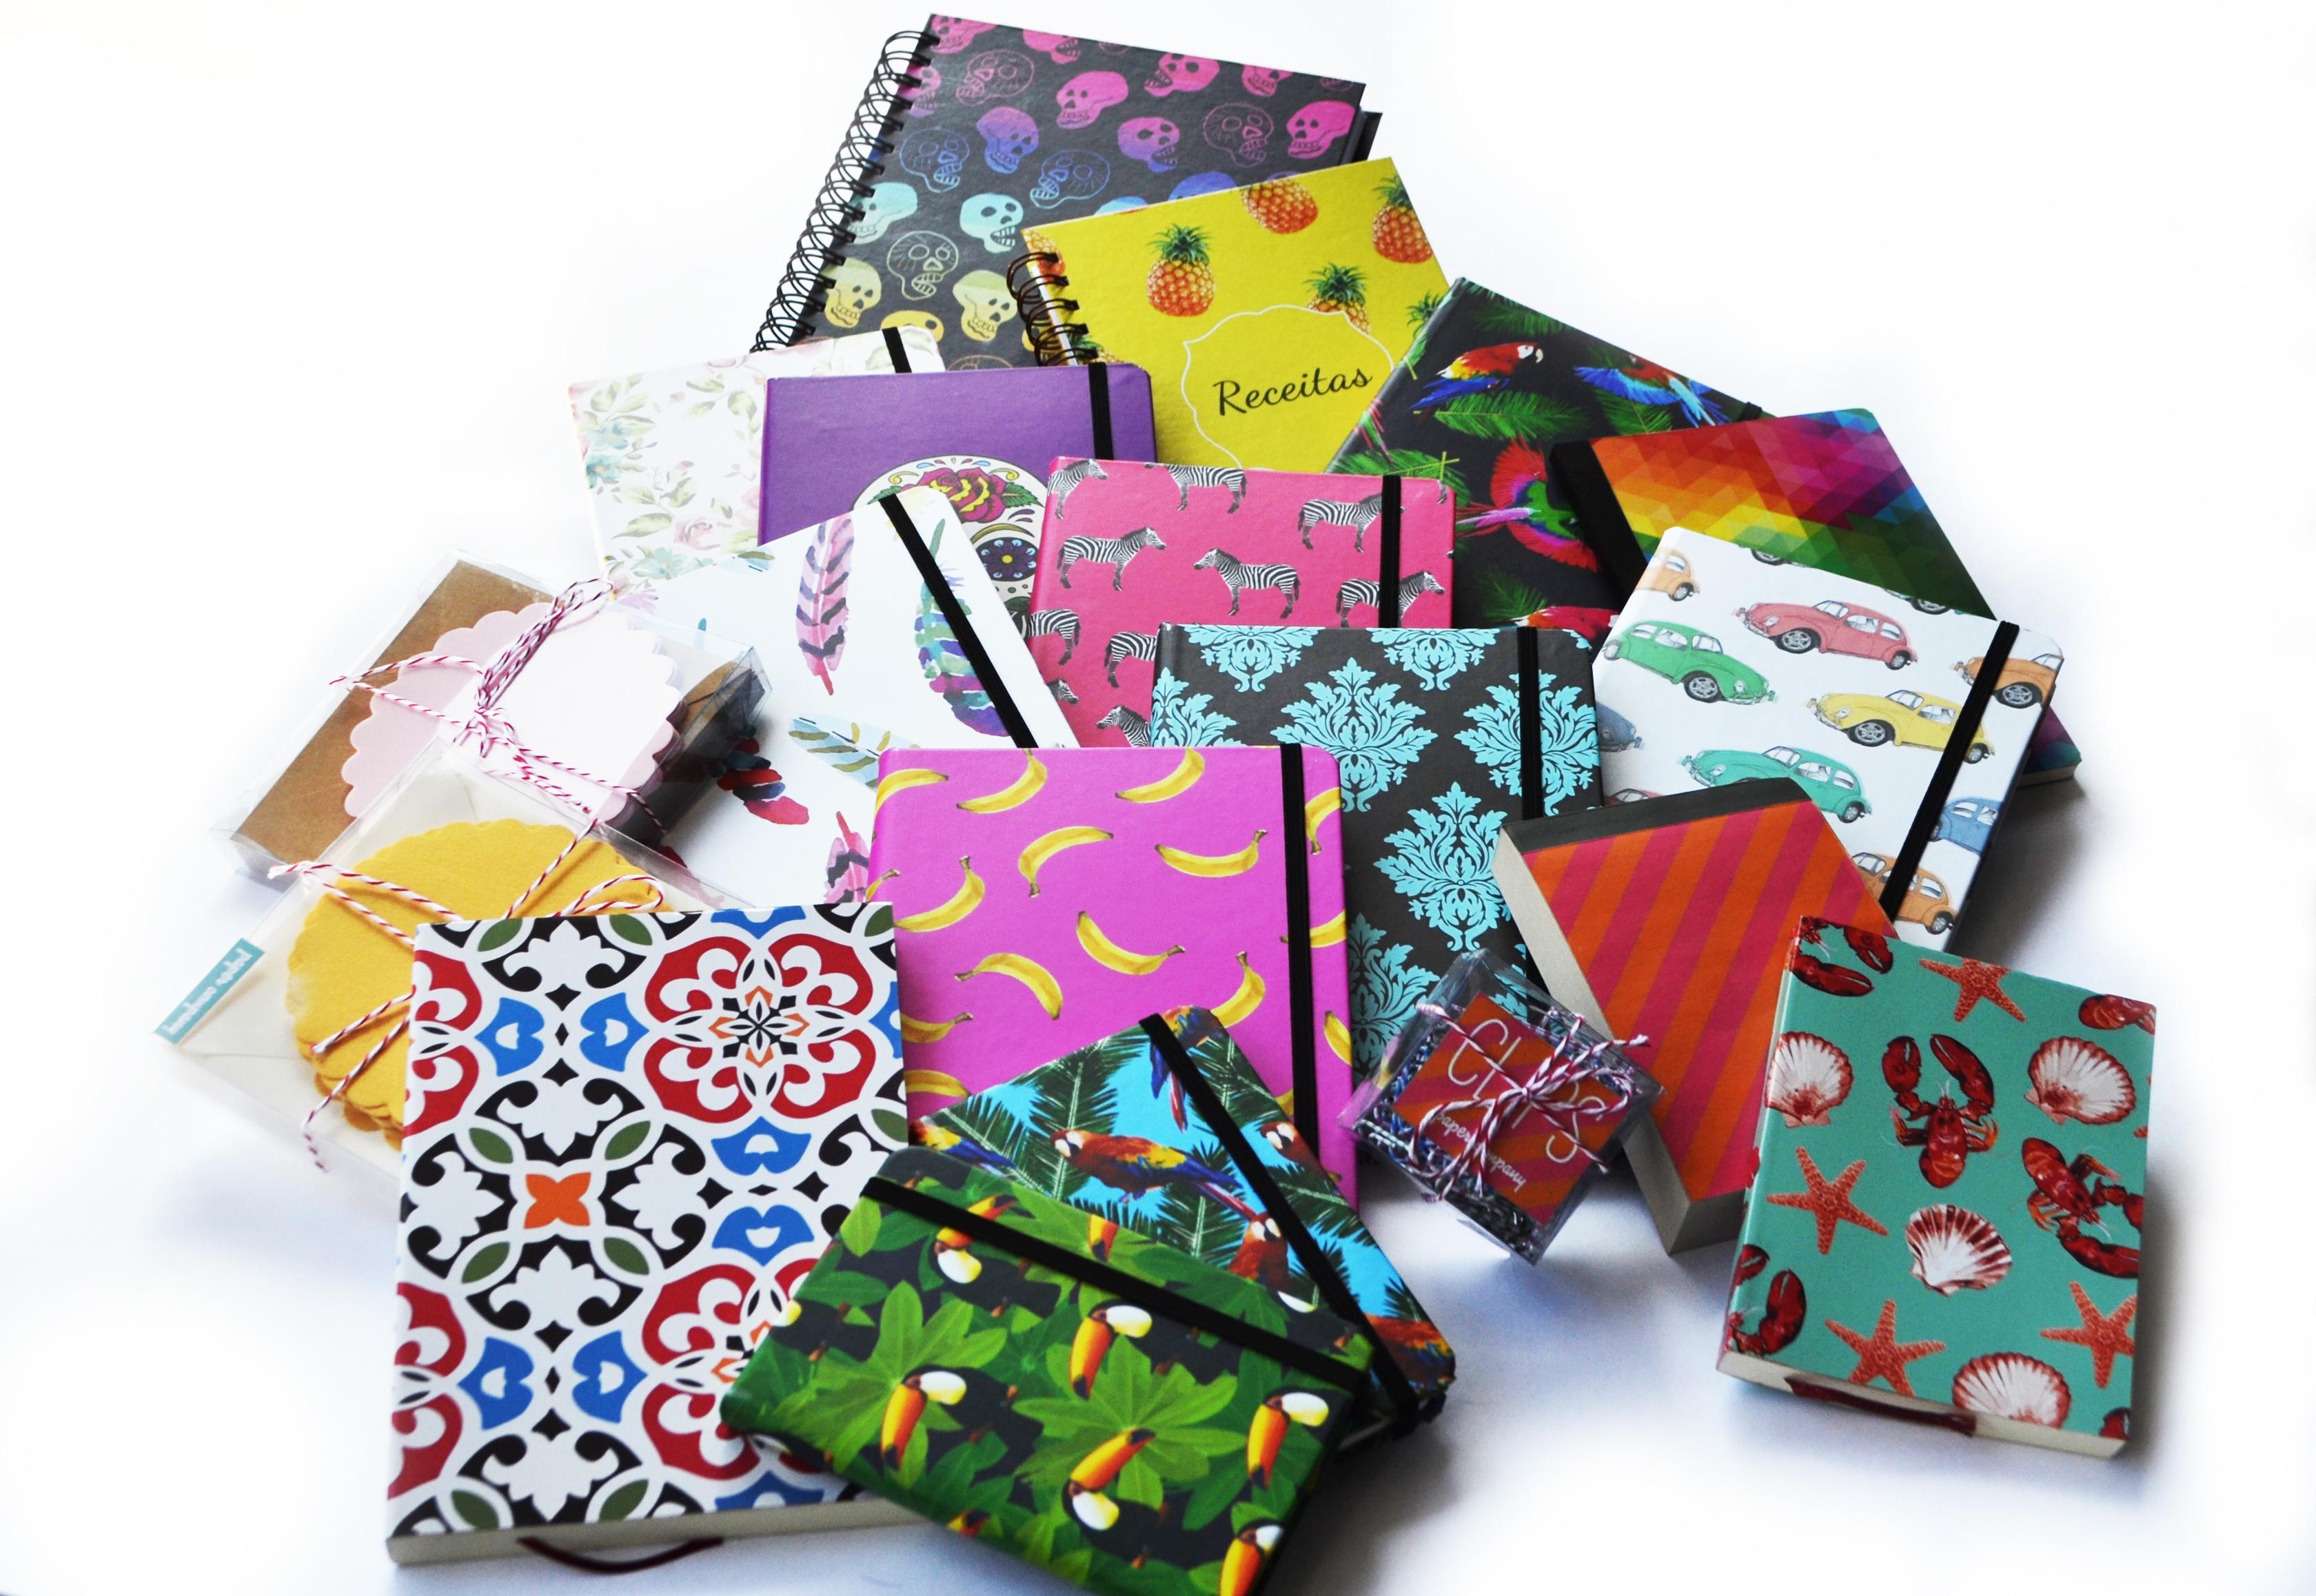 Paper Company - os itens-desejo da papelaria online imagem: divulgação